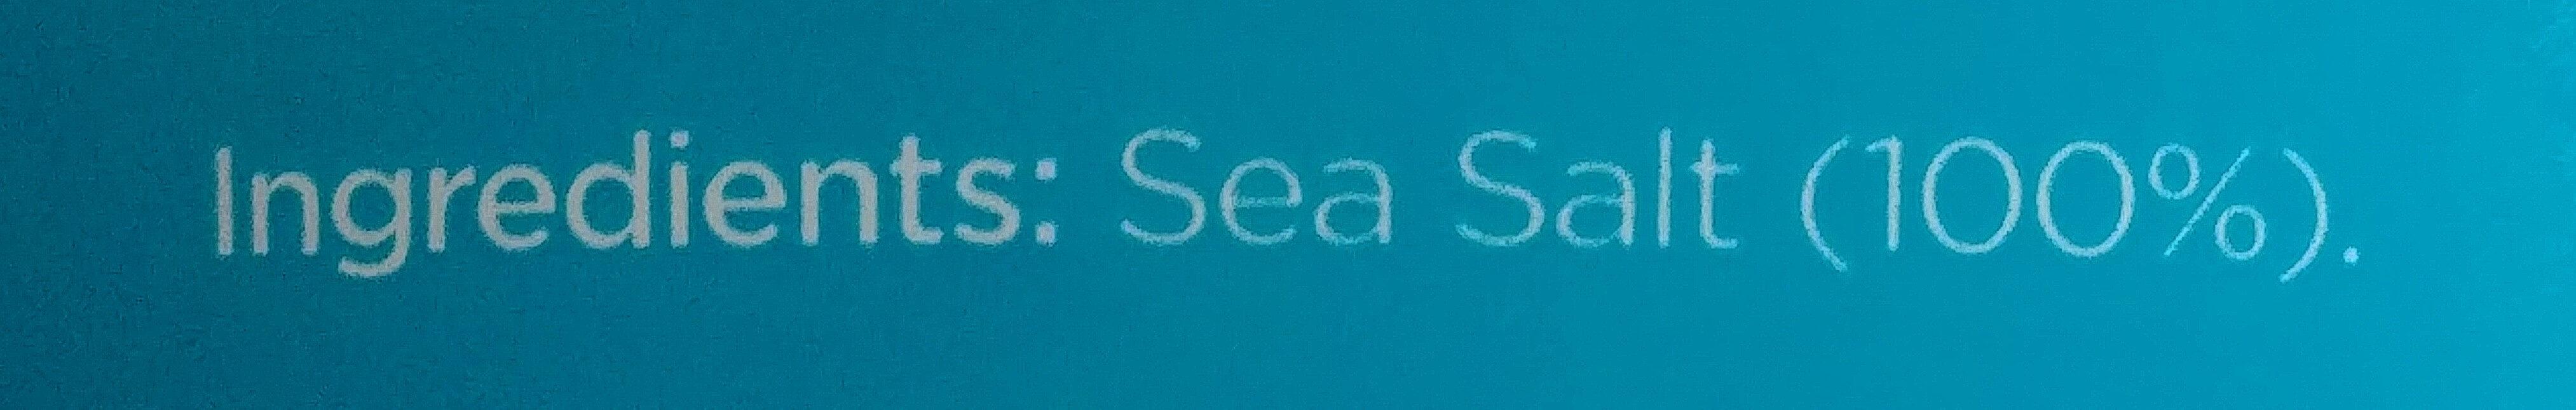 Sea Salt Crystals - Ingrediënten - en